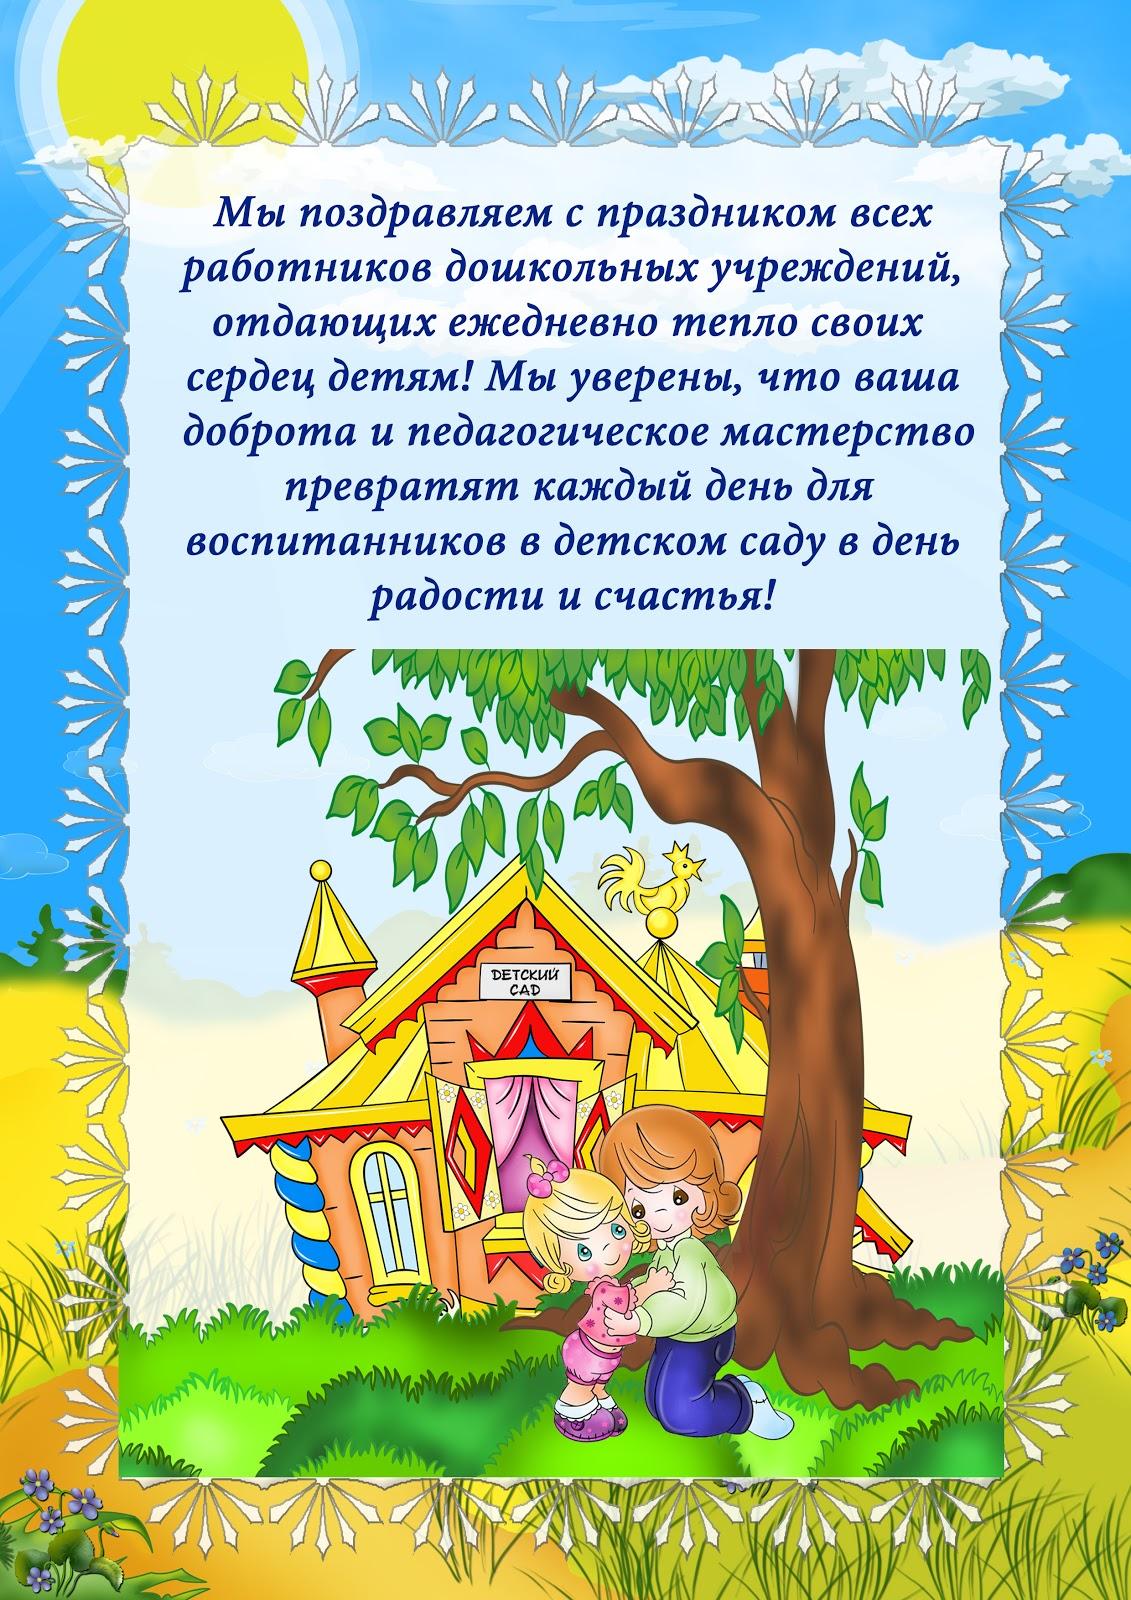 Поздравления работников детского сада детьми